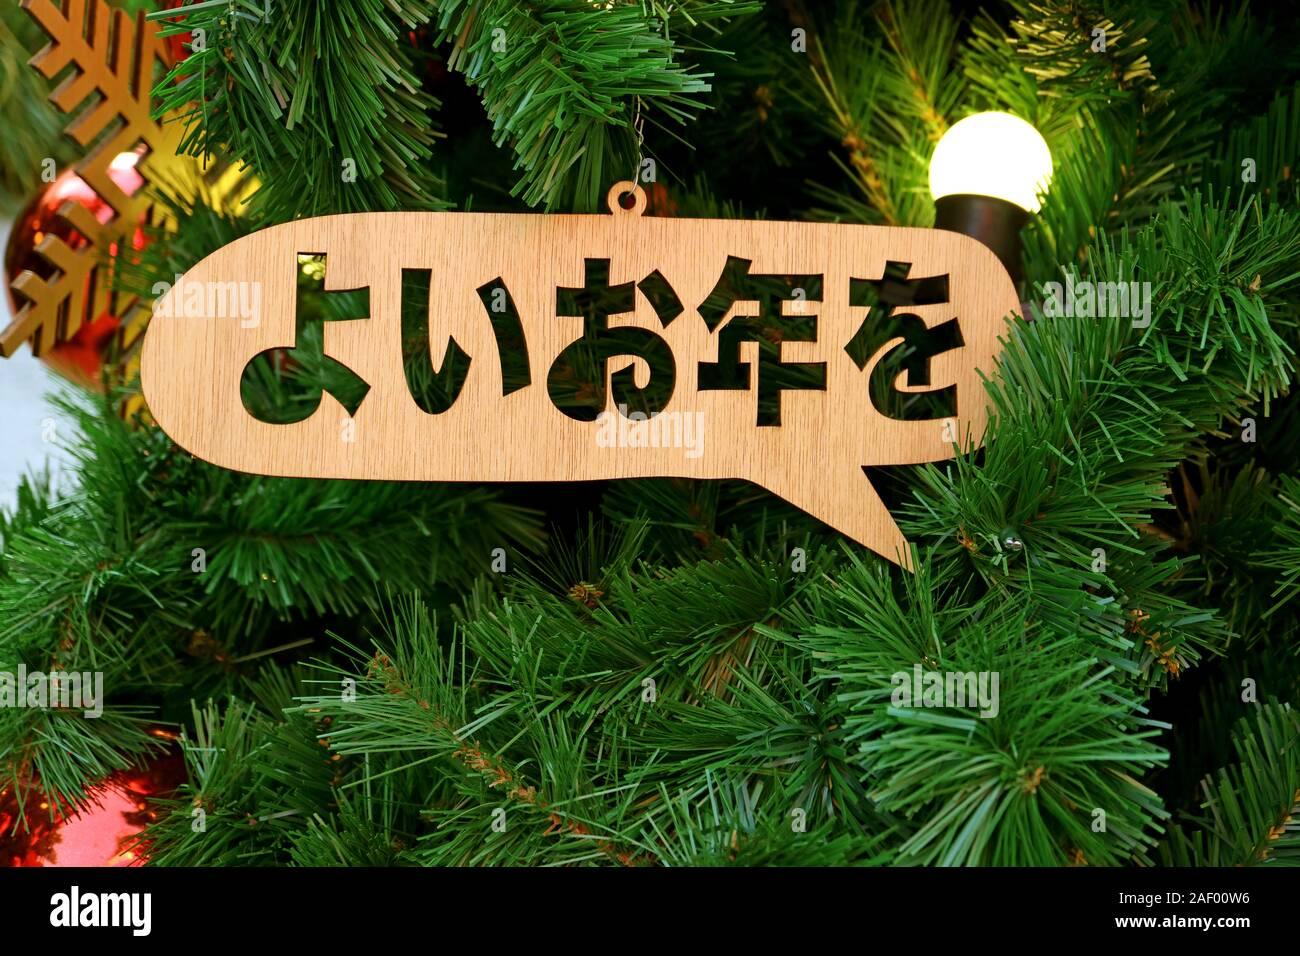 La Parola Natale Significa.Significato Di Natale Immagini E Fotos Stock Alamy